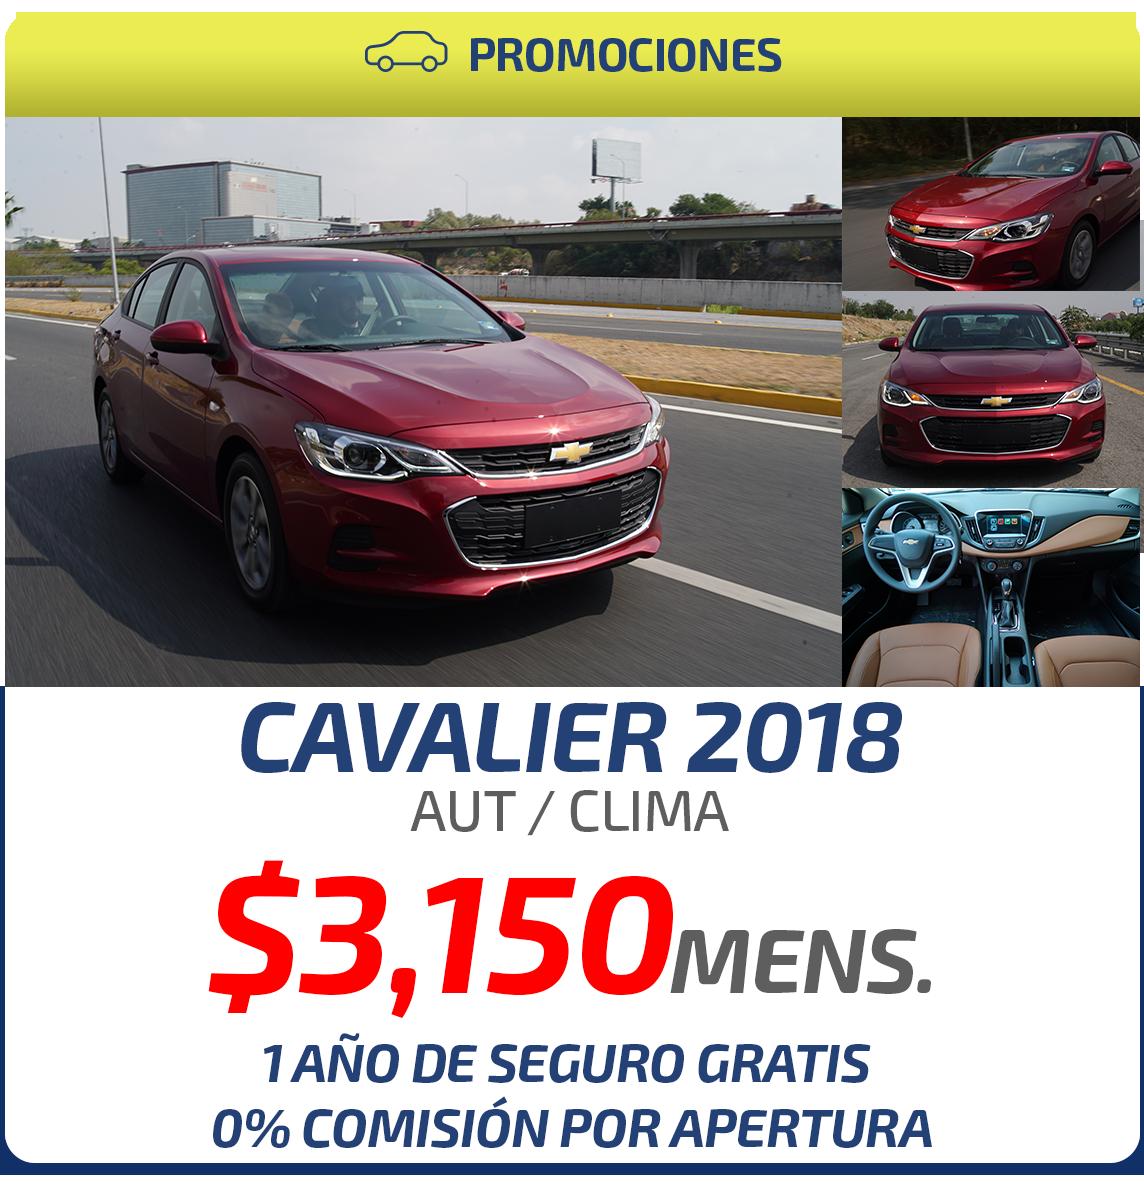 Chevrolet deals november 2018